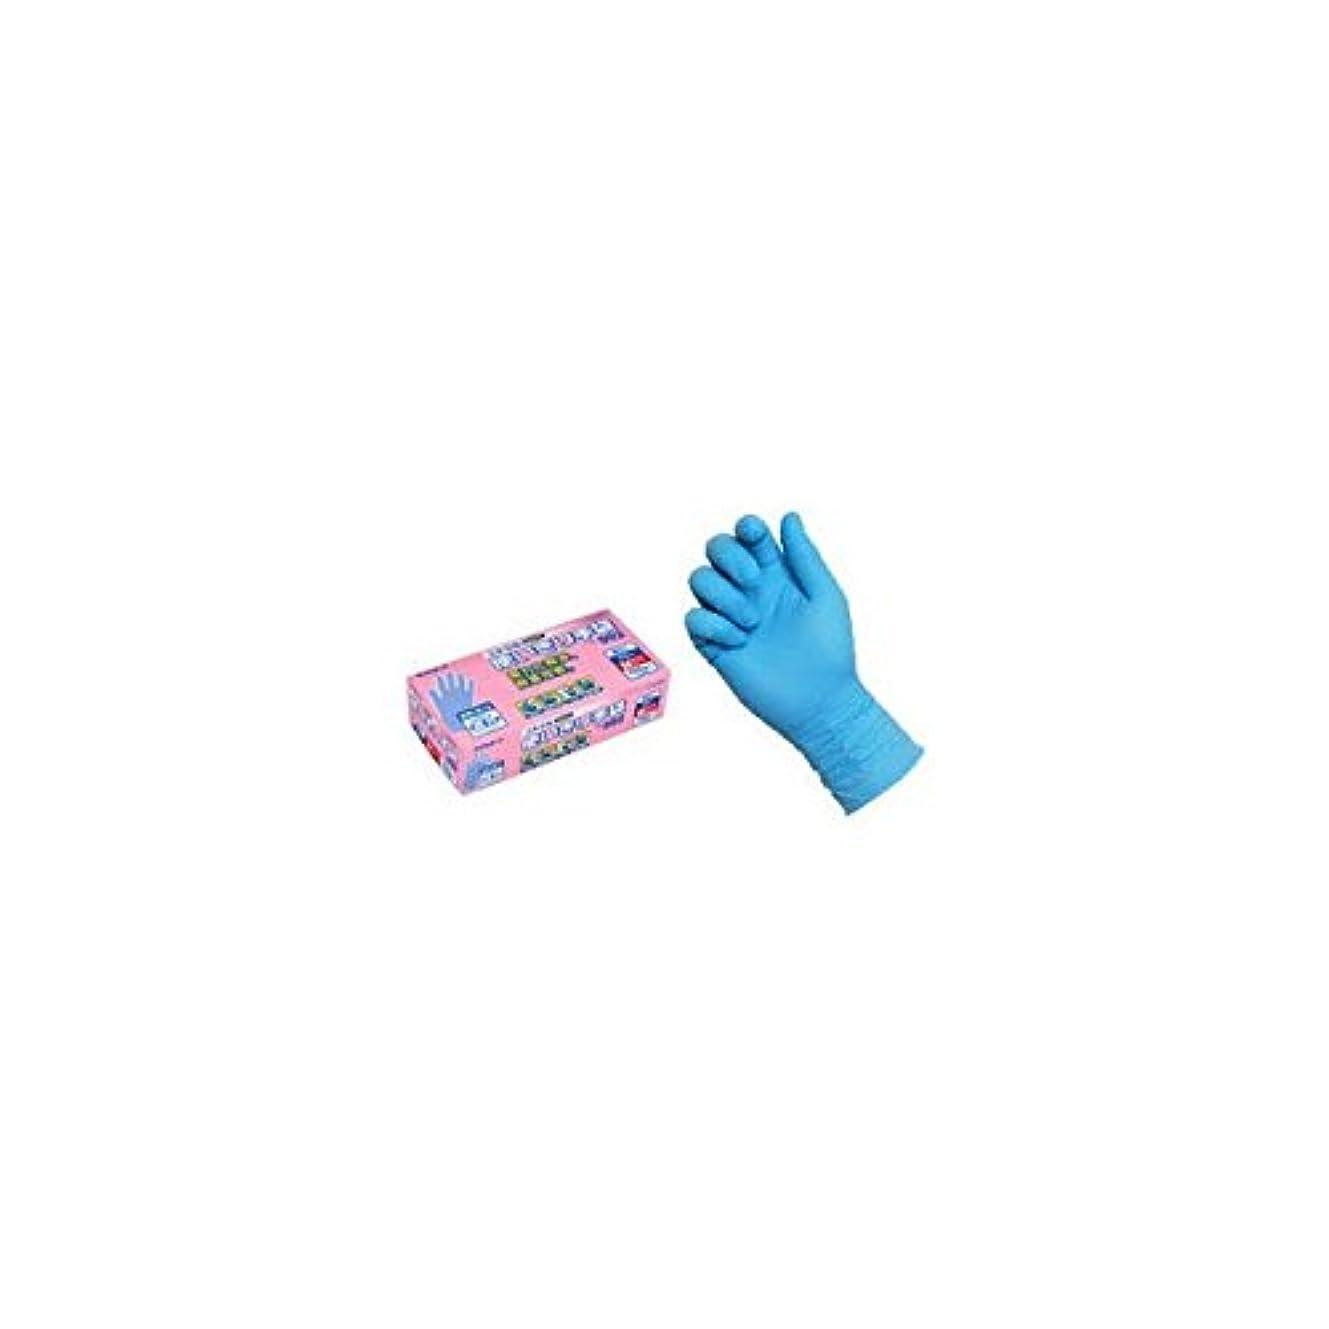 ニトリル使いきり手袋 PF NO.992 S ブルー エステー 【商品CD】ST4762